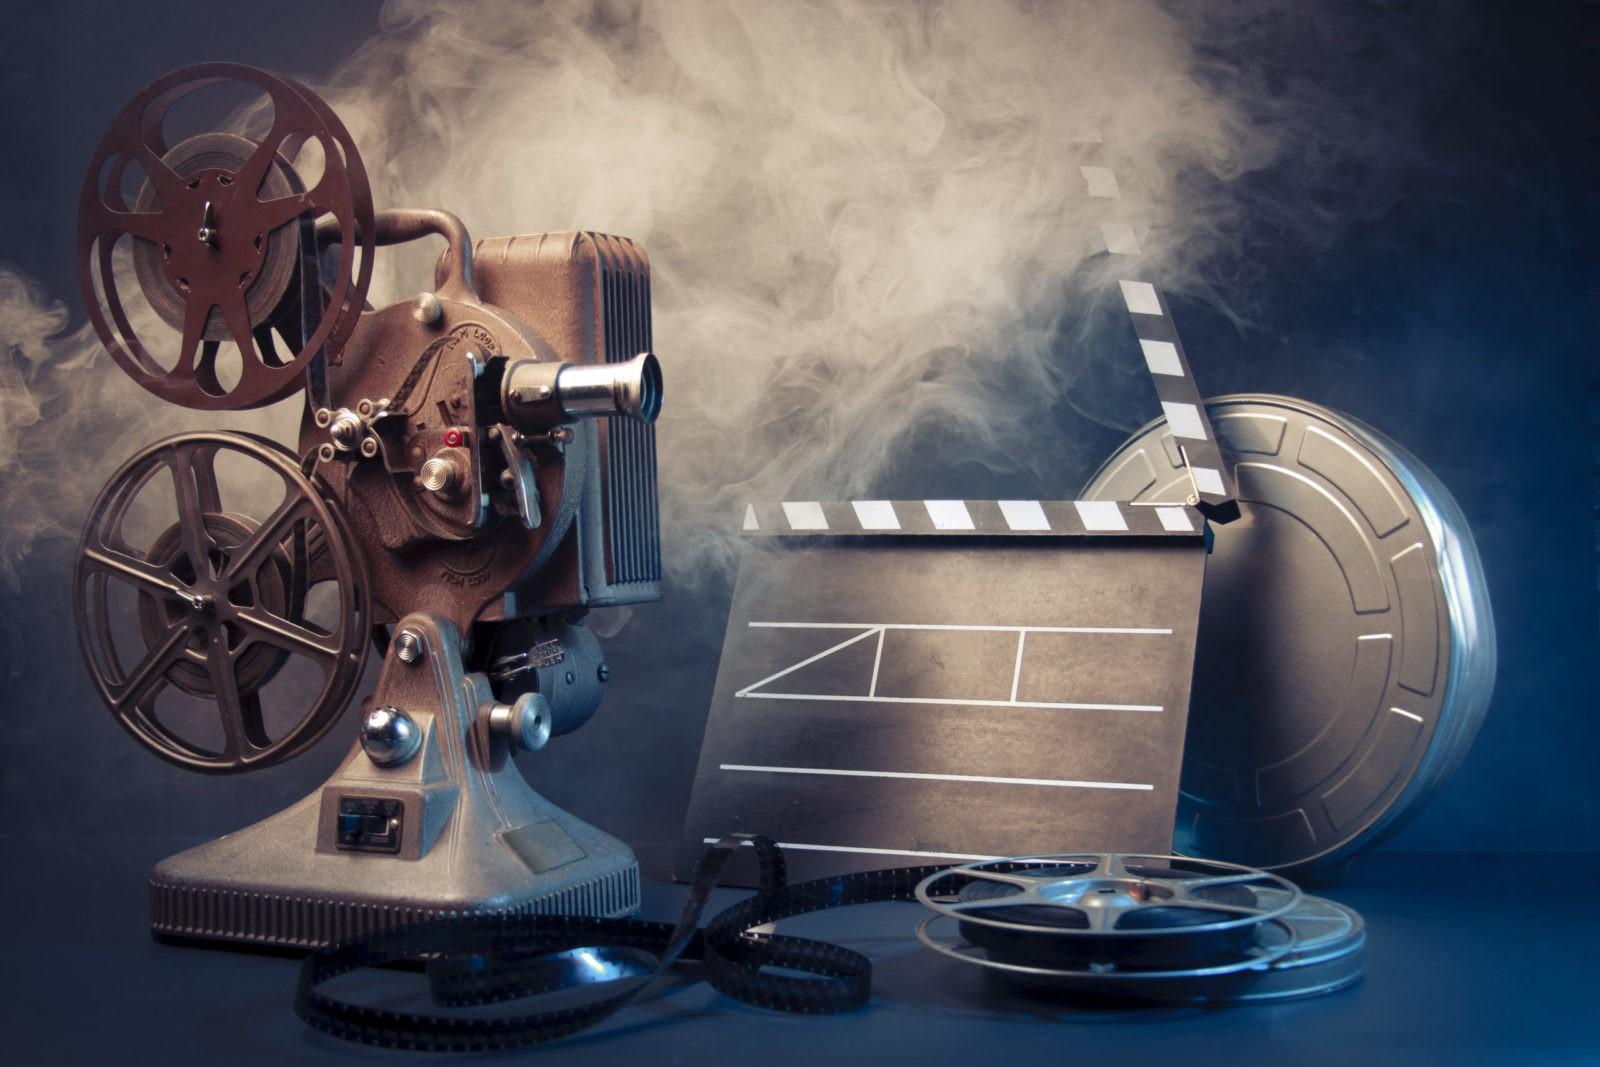 Версии фильмов. Театральная, режиссерская, расширенная… в чем разница?